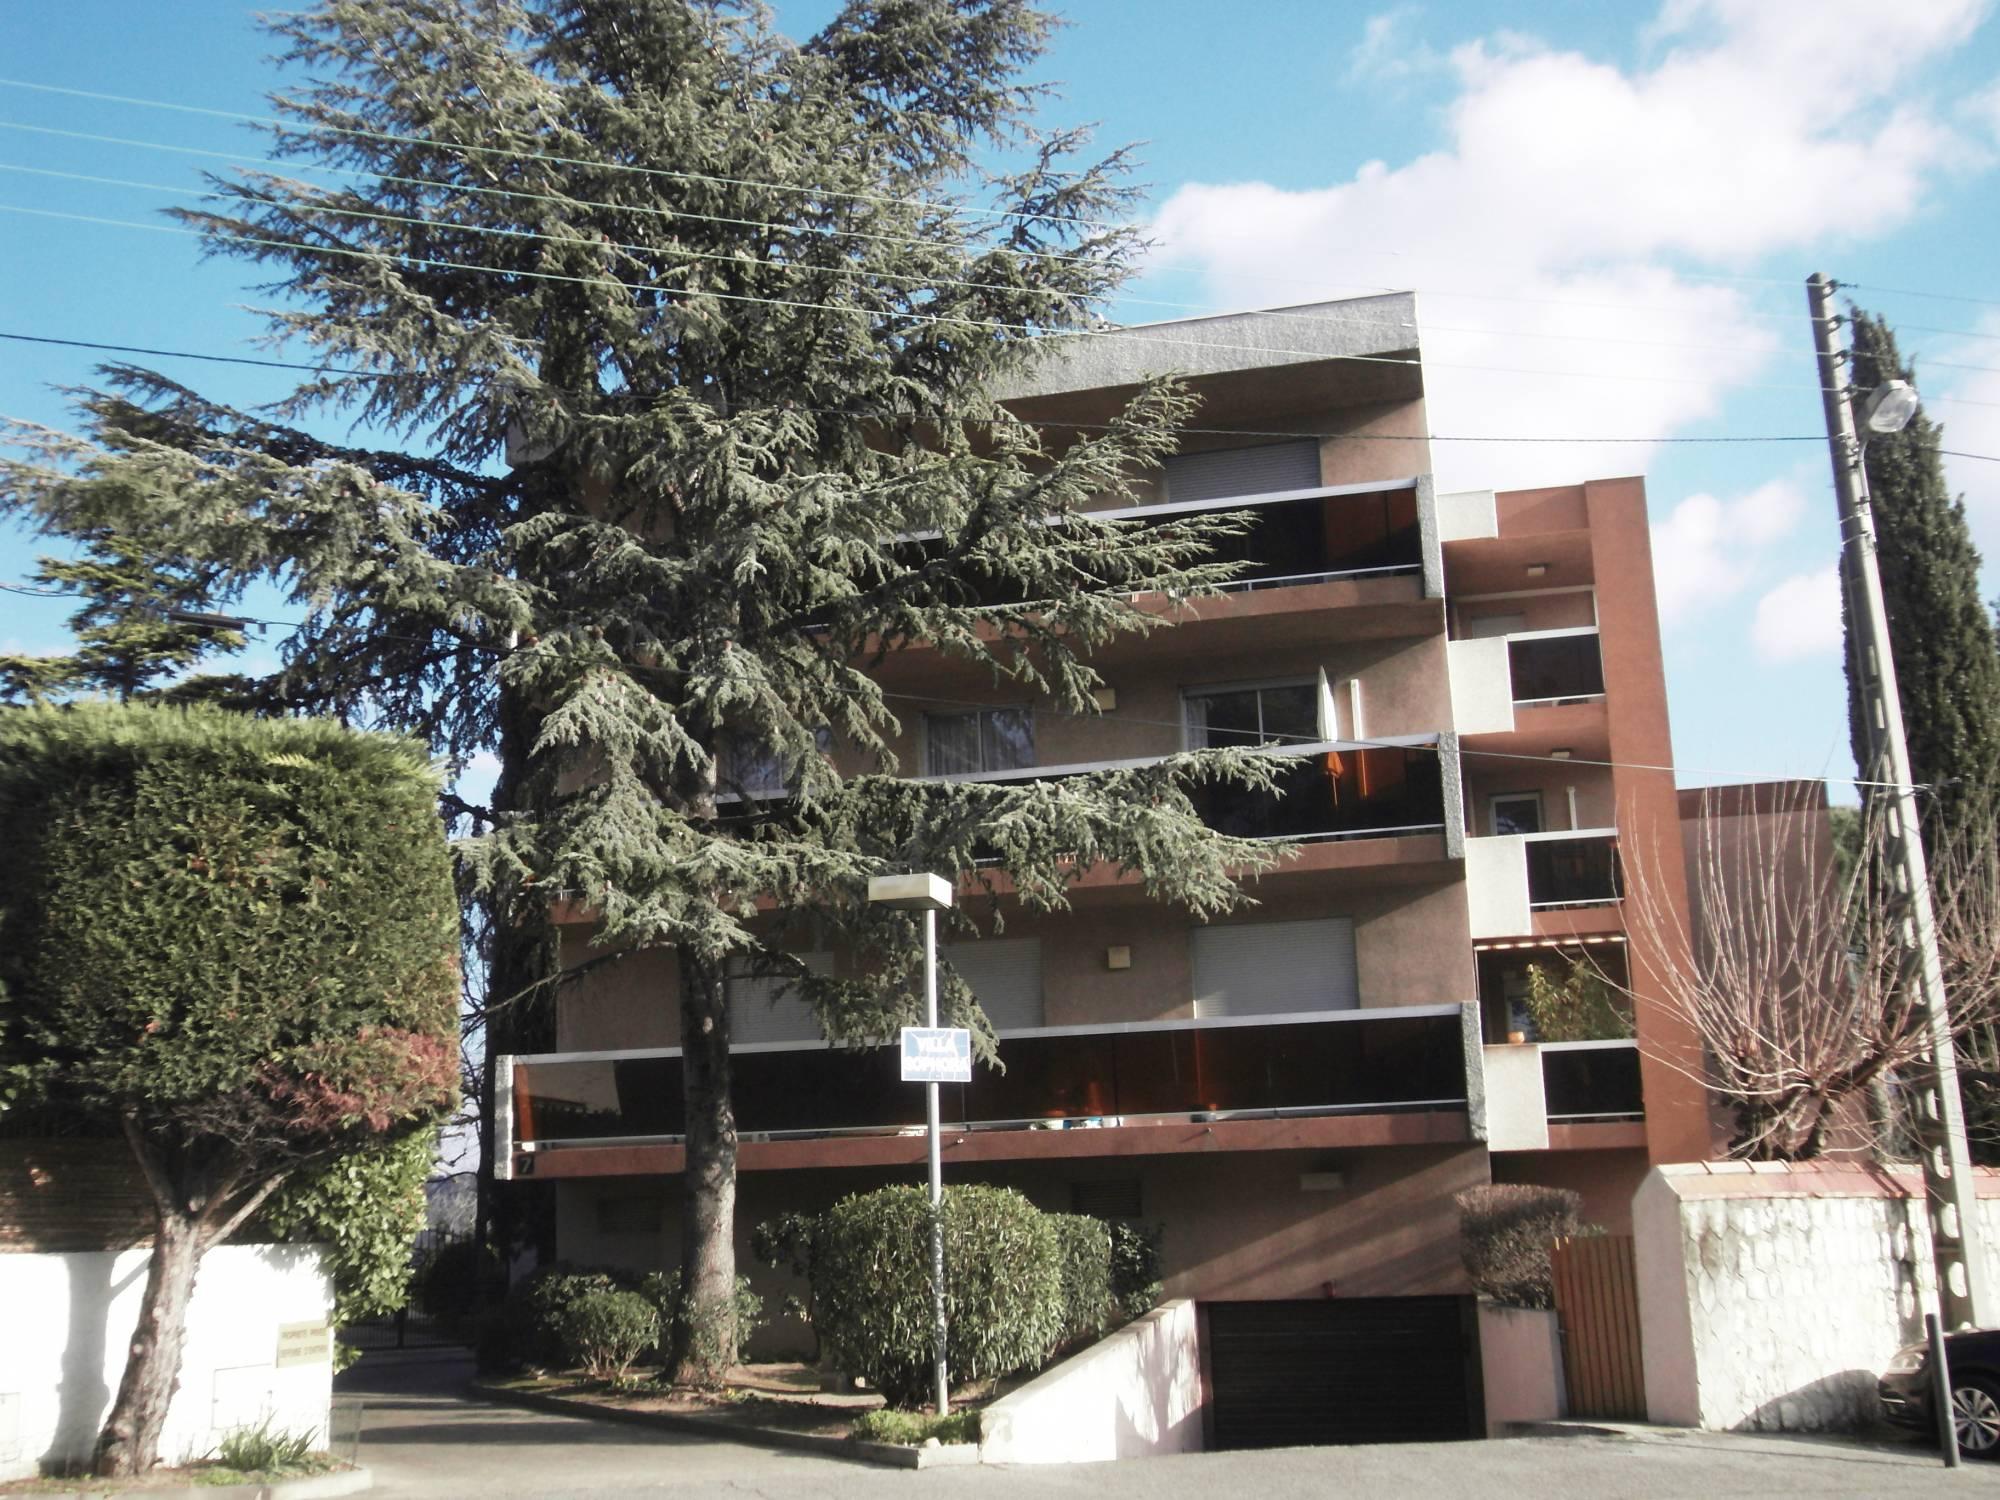 vente appartement 3 pièces 13012 marseille